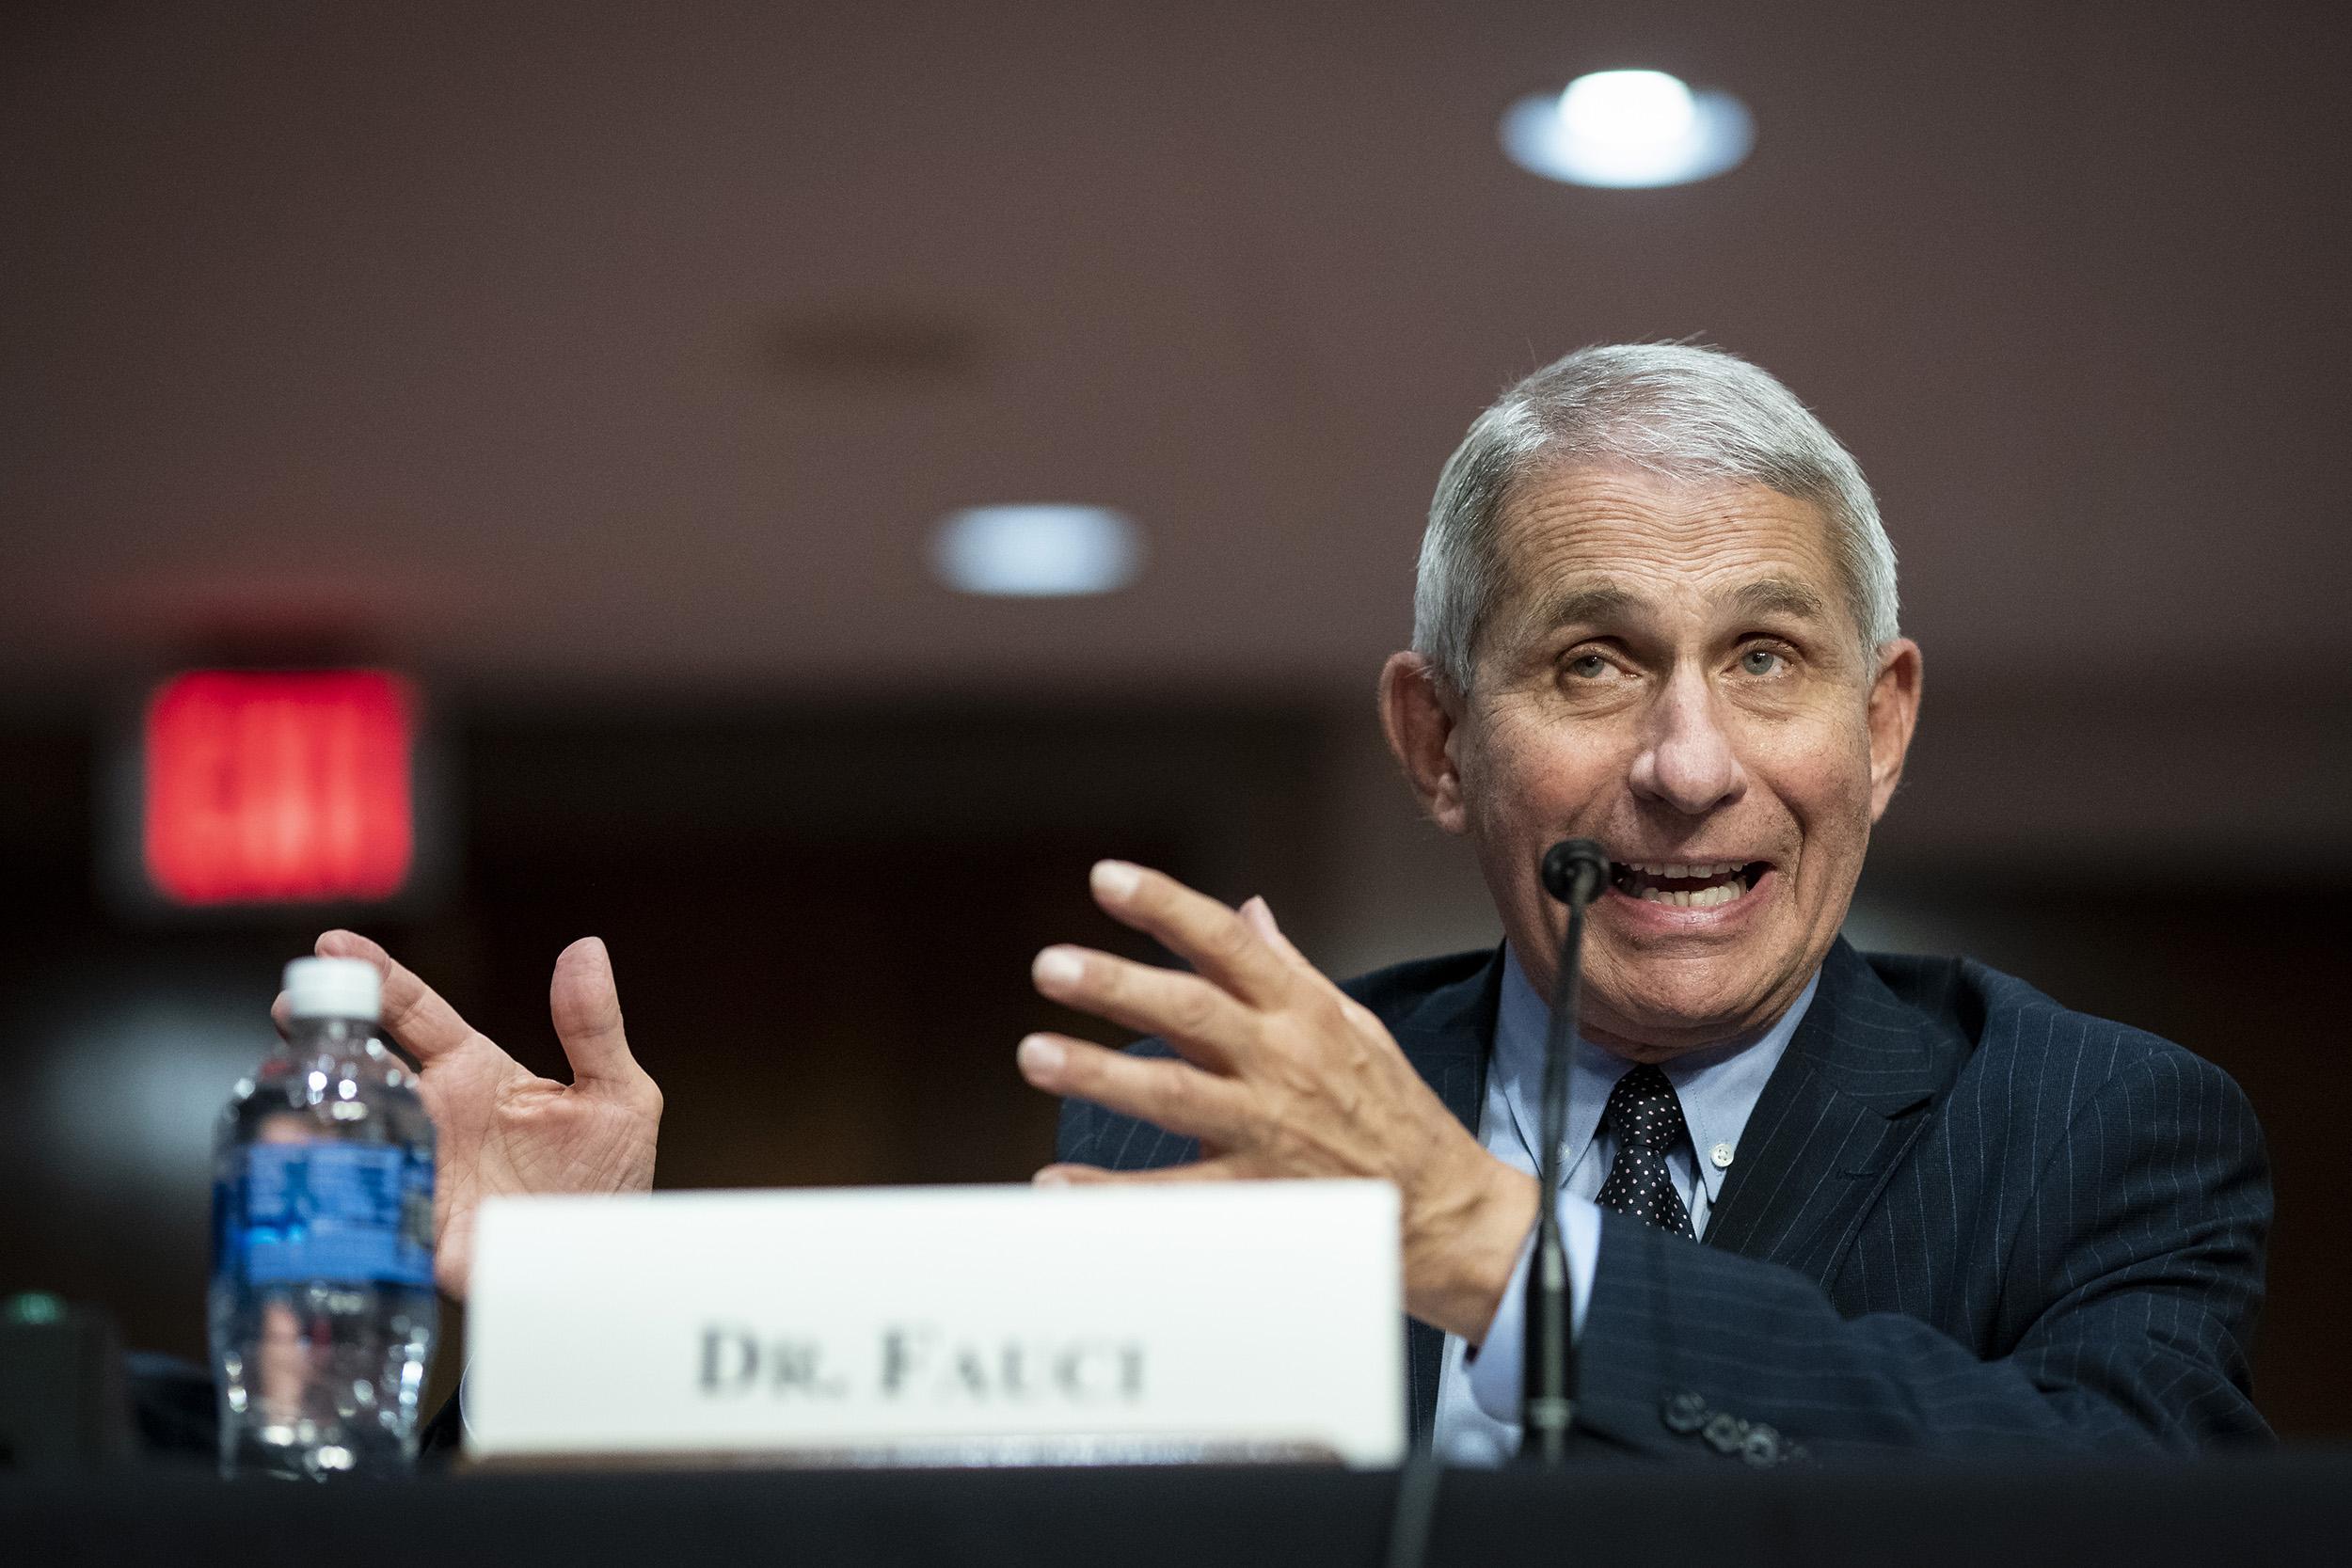 Anthony Fauci, direktur Institut Nasional Alergi dan Penyakit Menular, berbicara pada sidang Senat pada 30 Juni, di Washington, DC.